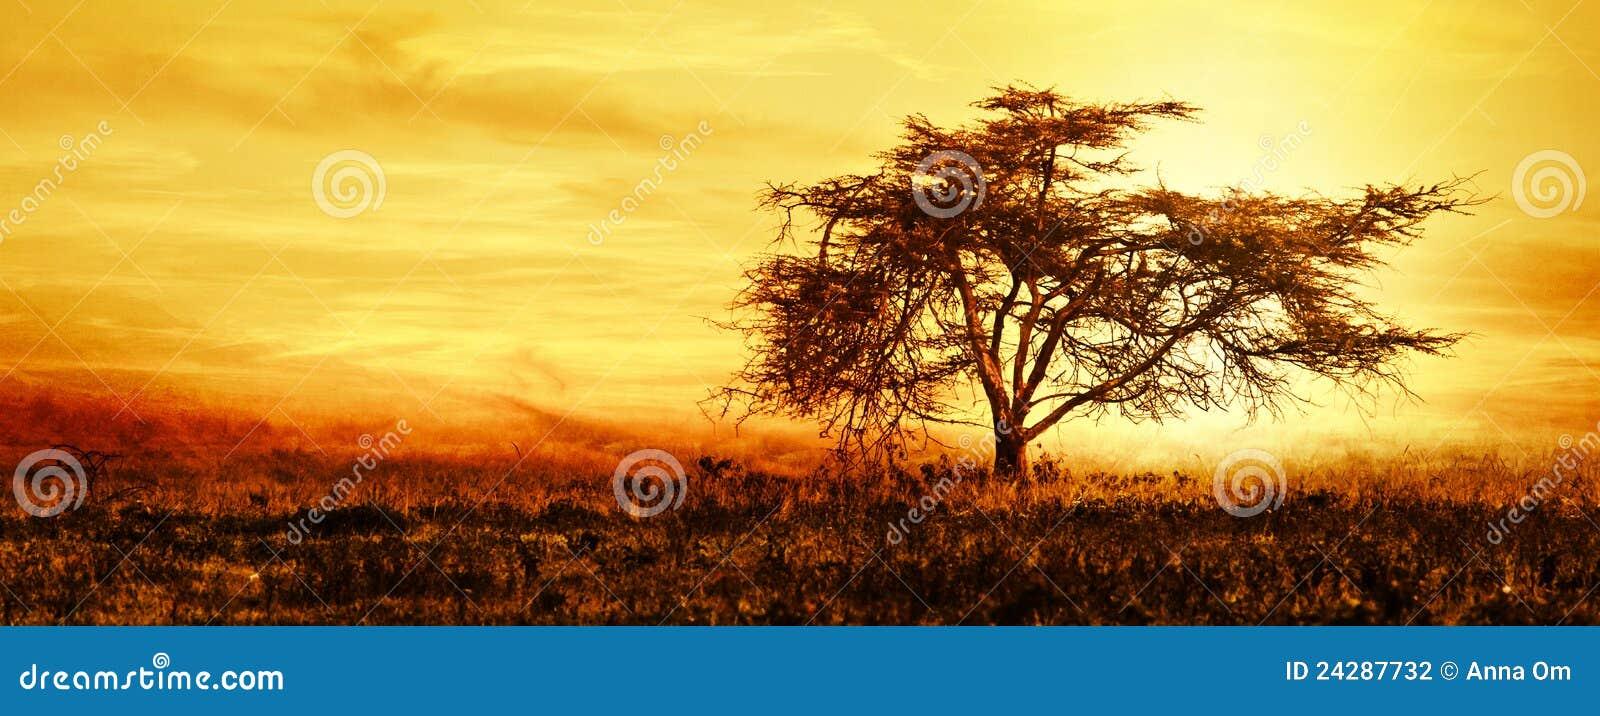 Silueta africana grande del árbol sobre puesta del sol